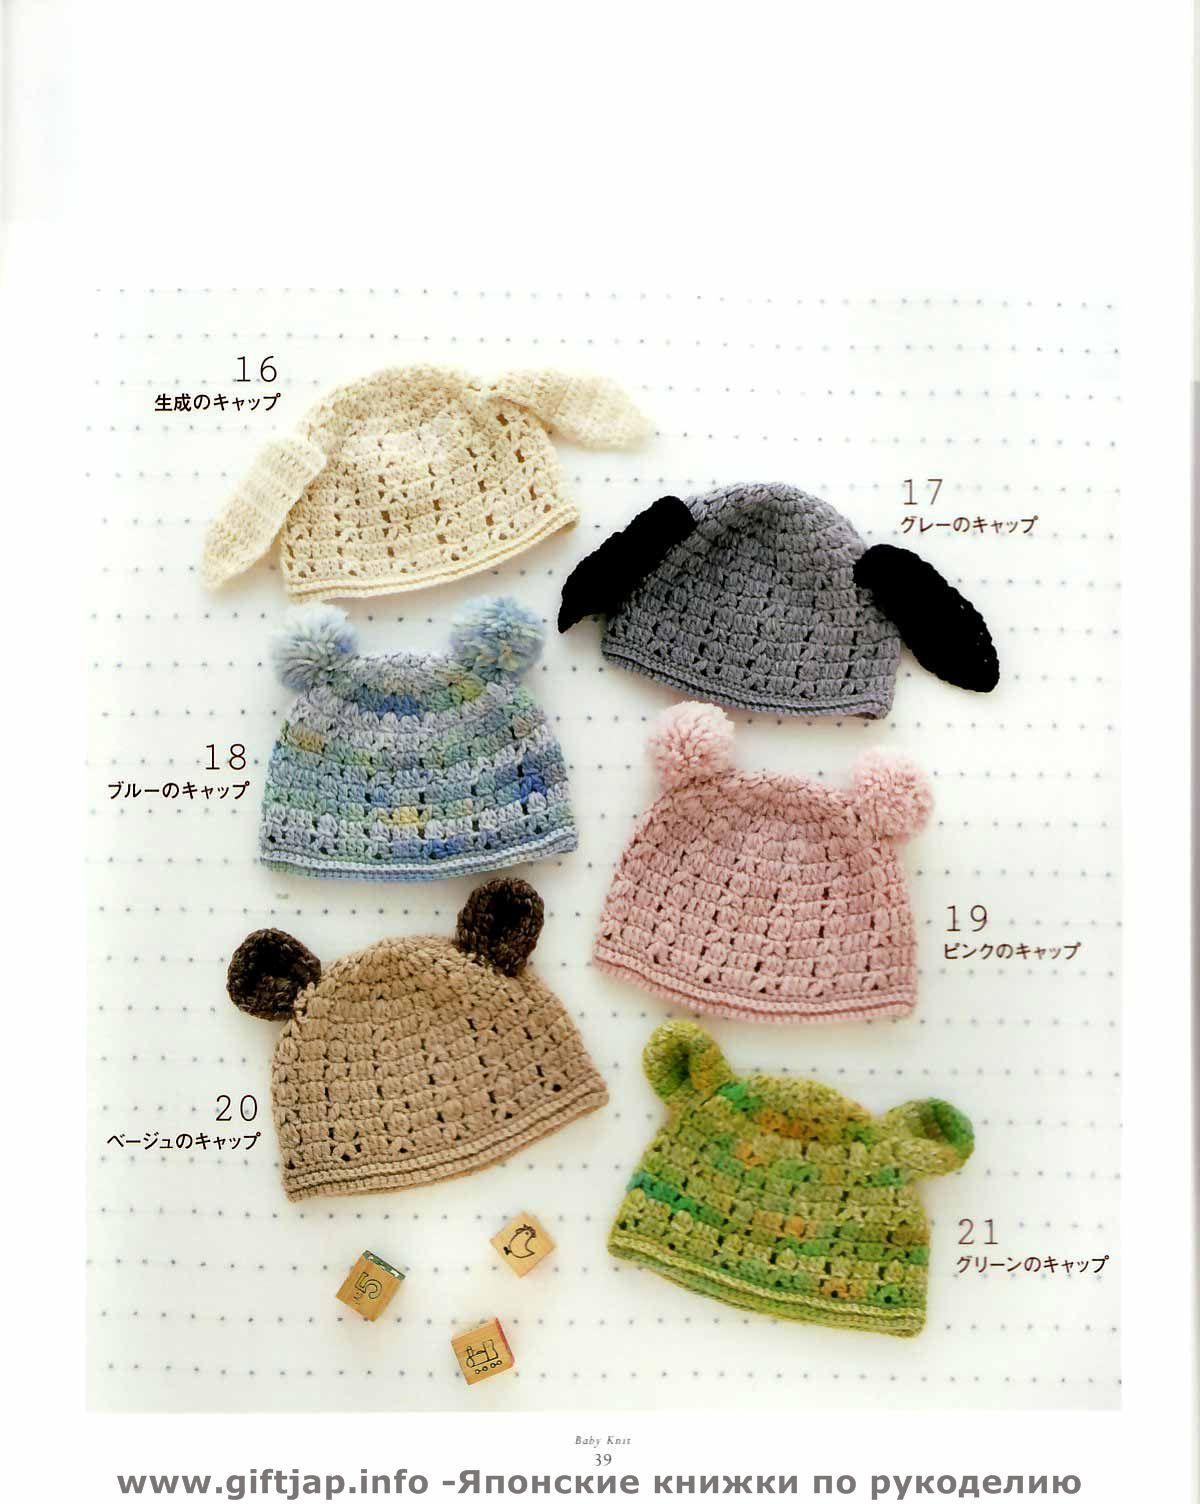 앨범 보관함 | Crochet all | Pinterest